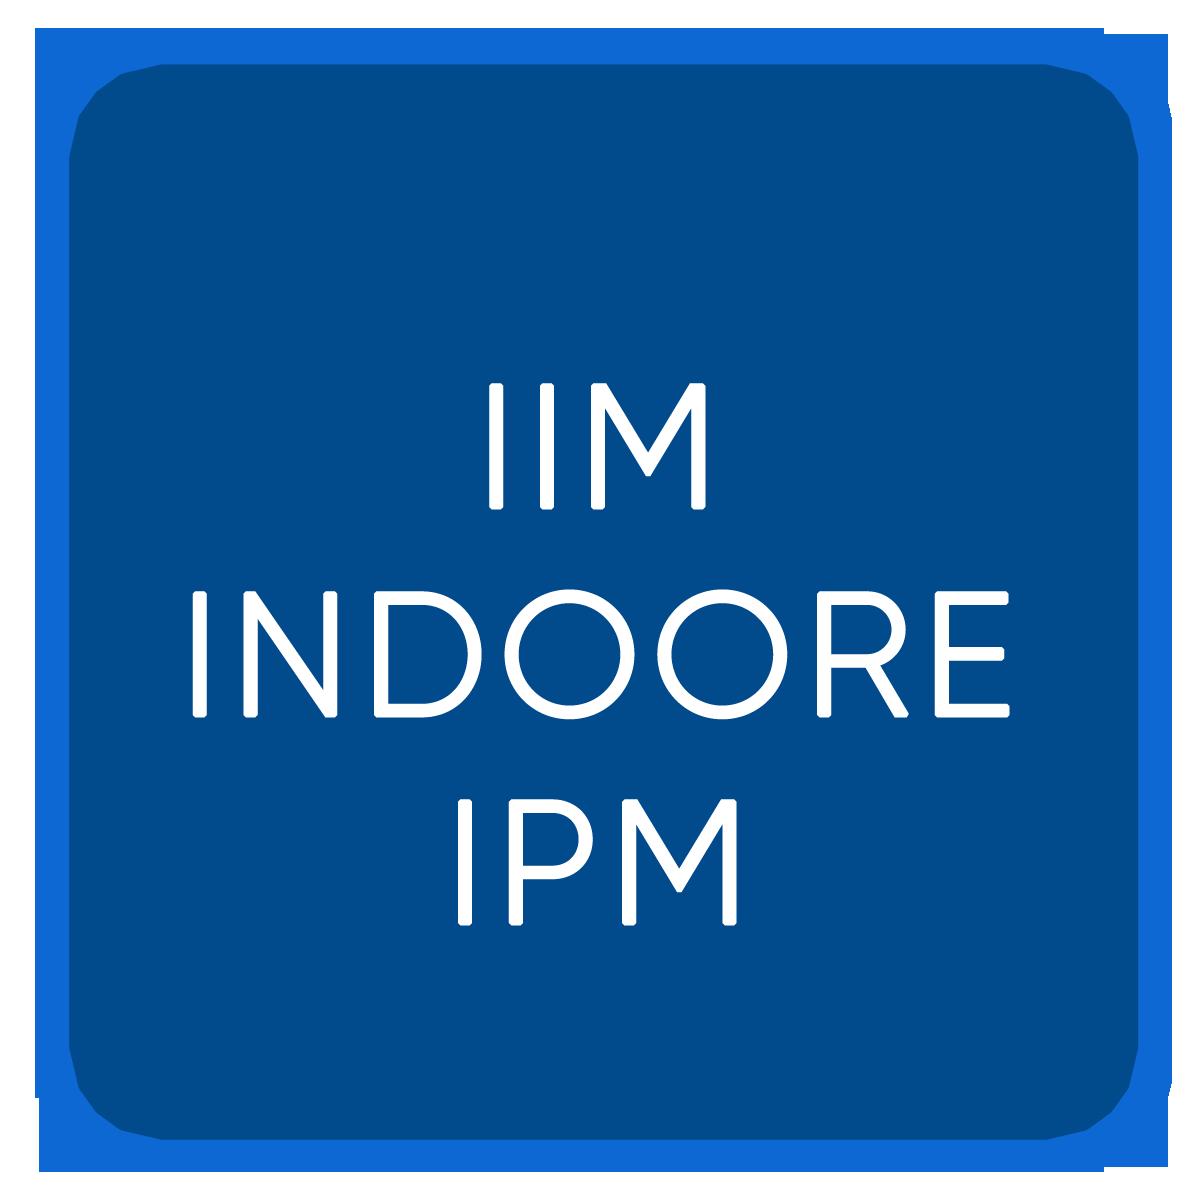 IIM-INDOORE IPM